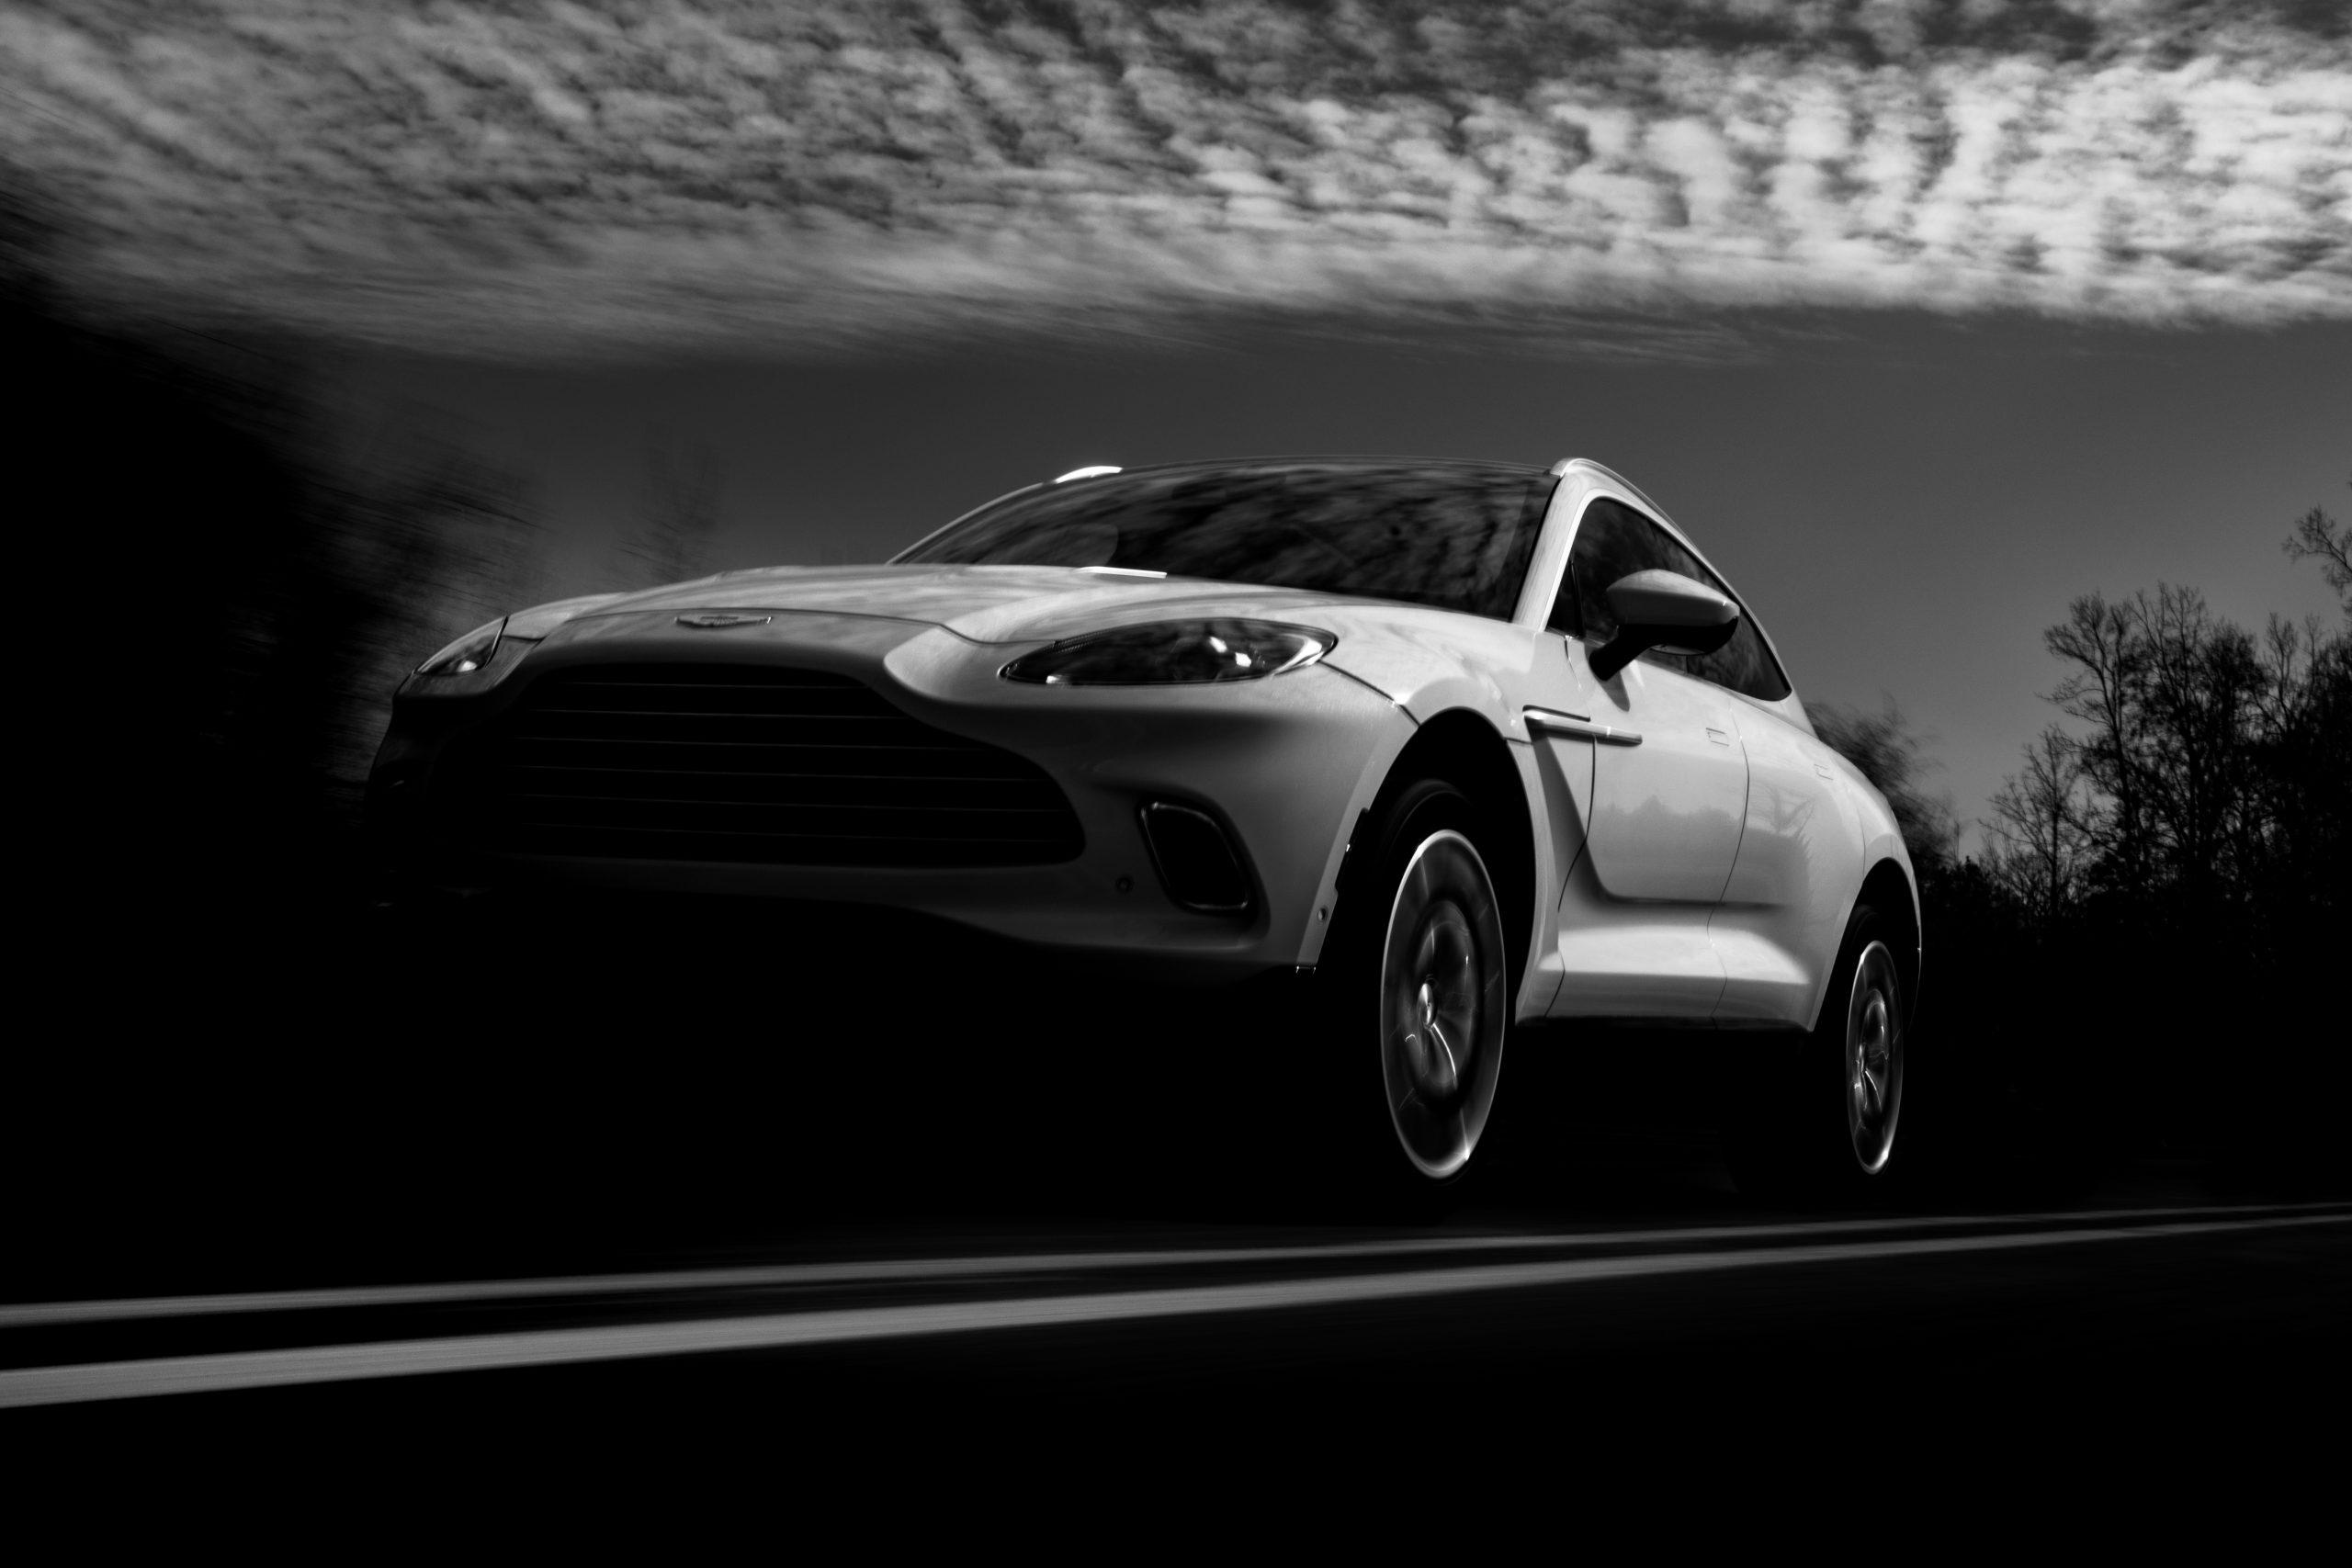 2021 Aston Martin DBX black and white